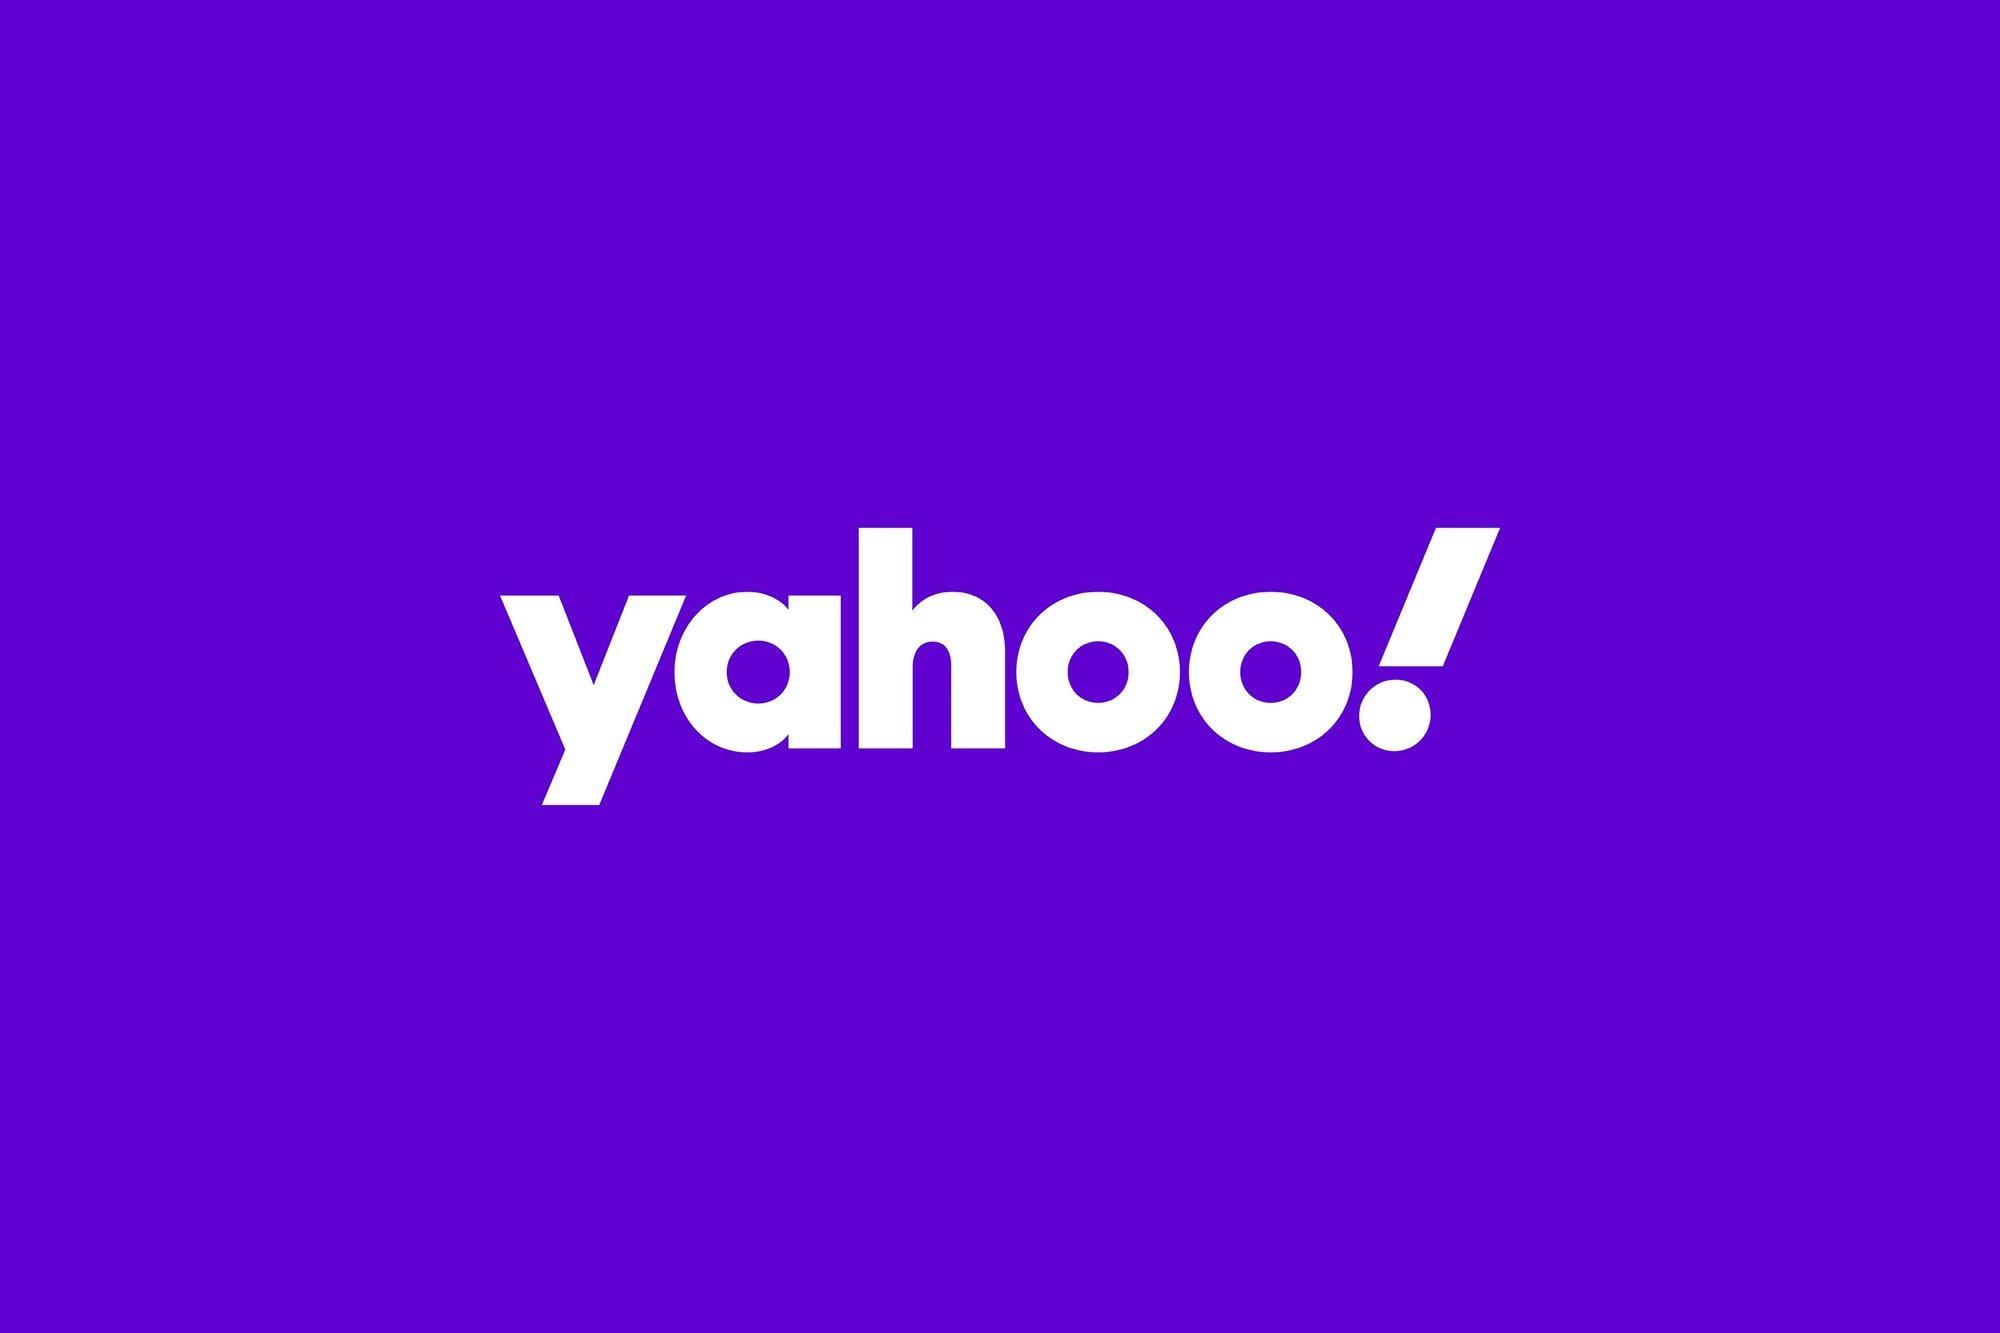 Yahoo! Logo 2019